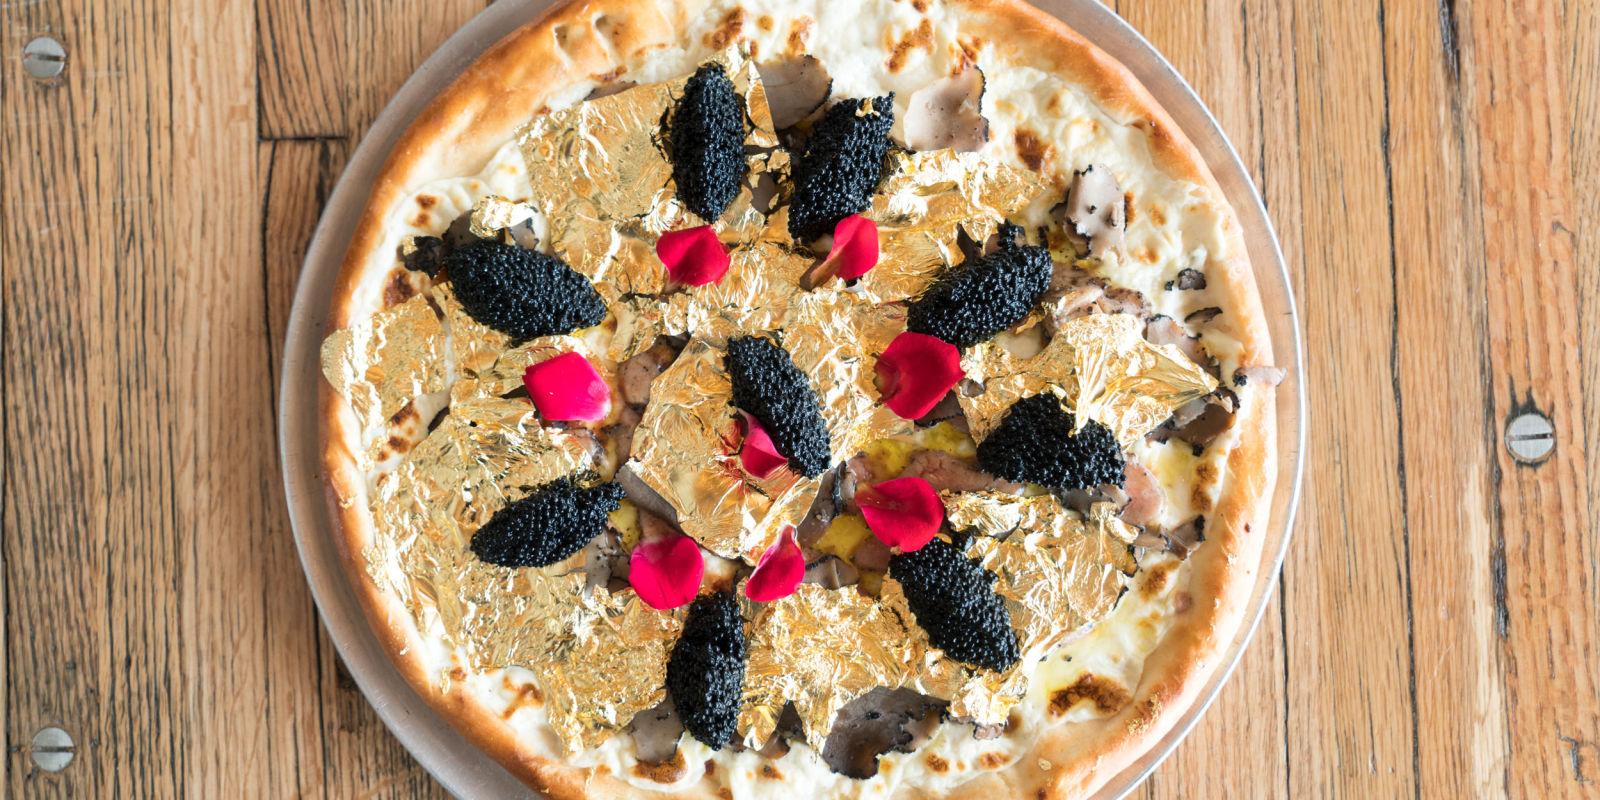 Une pizza à 2000 dollars avec du caviar, de la truffe et du foie gras